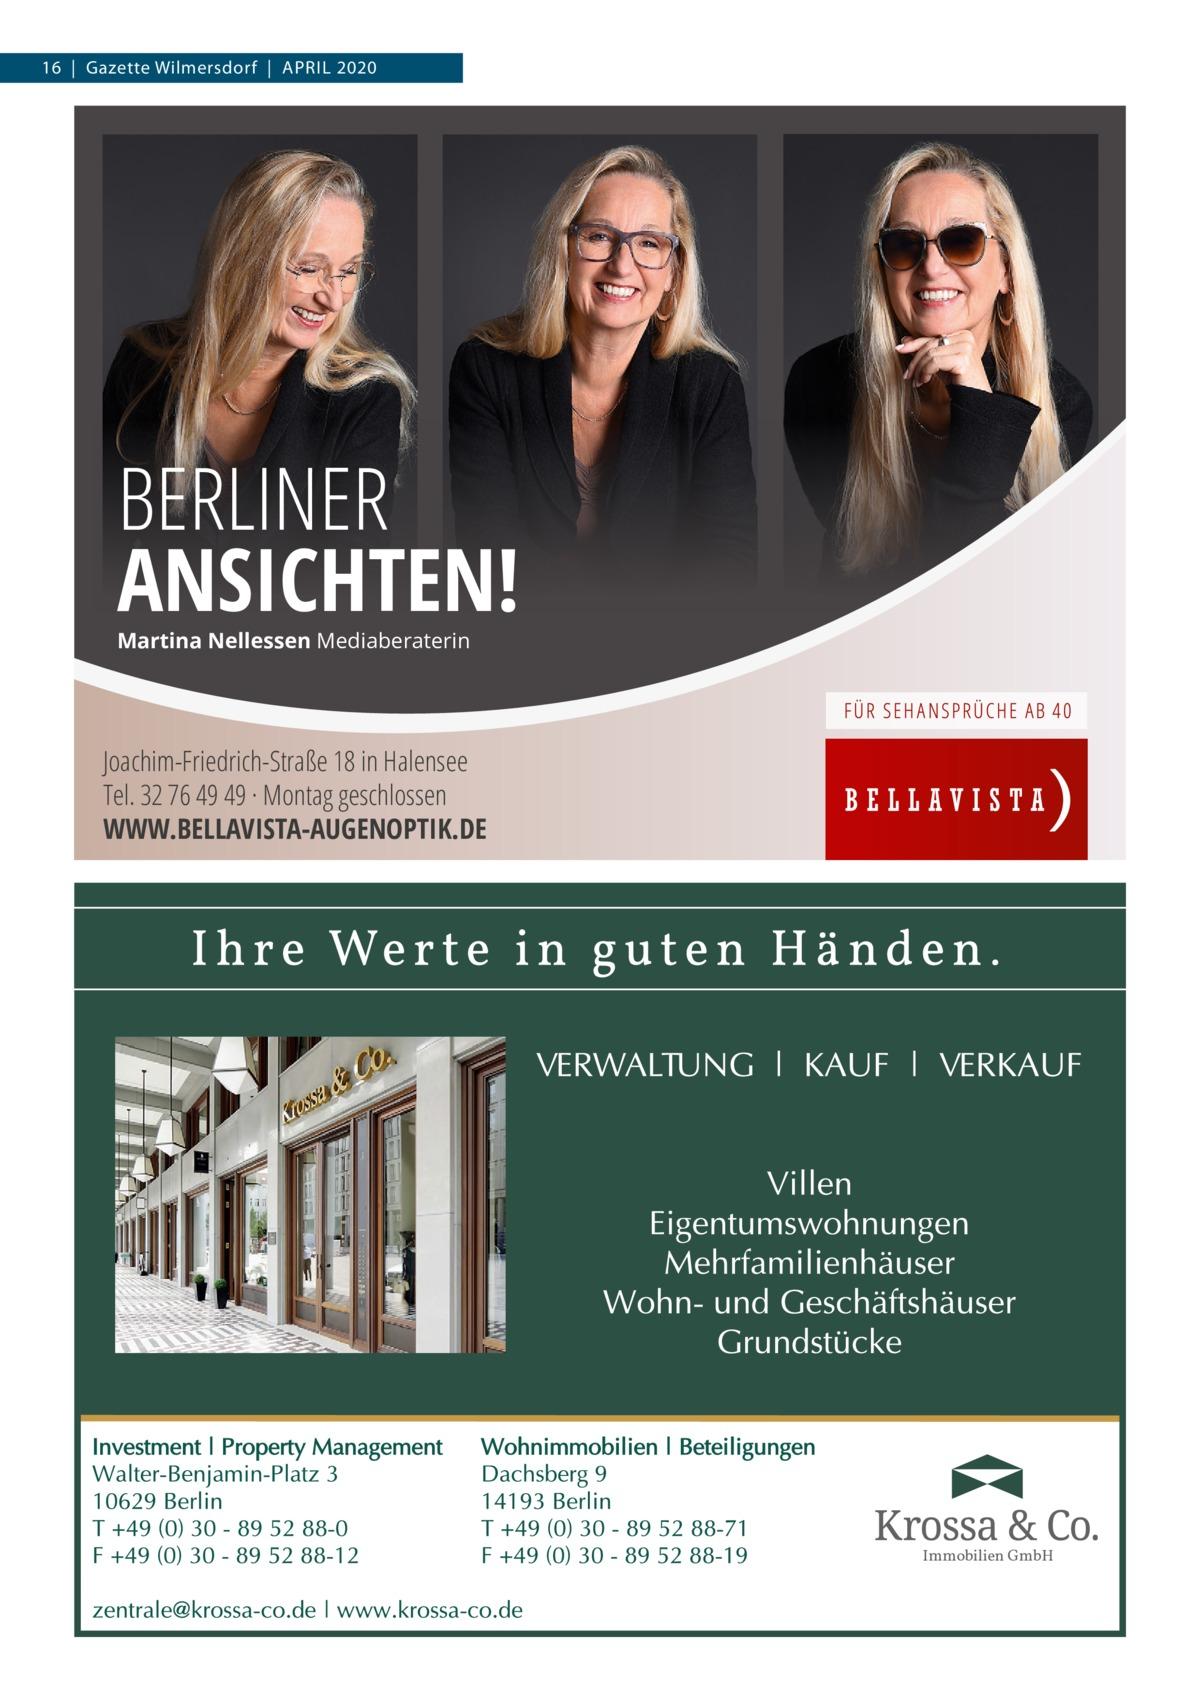 16 Gazette Wilmersdorf April 2020  BERLINER ANSICHTEN! Martina Nellessen Mediaberaterin  Joachim-Friedrich-Straße 18 in Halensee Tel. 32 76 49 49 · Montag geschlossen WWW.BELLAVISTA-AUGENOPTIK.DE  Immobilien GmbH